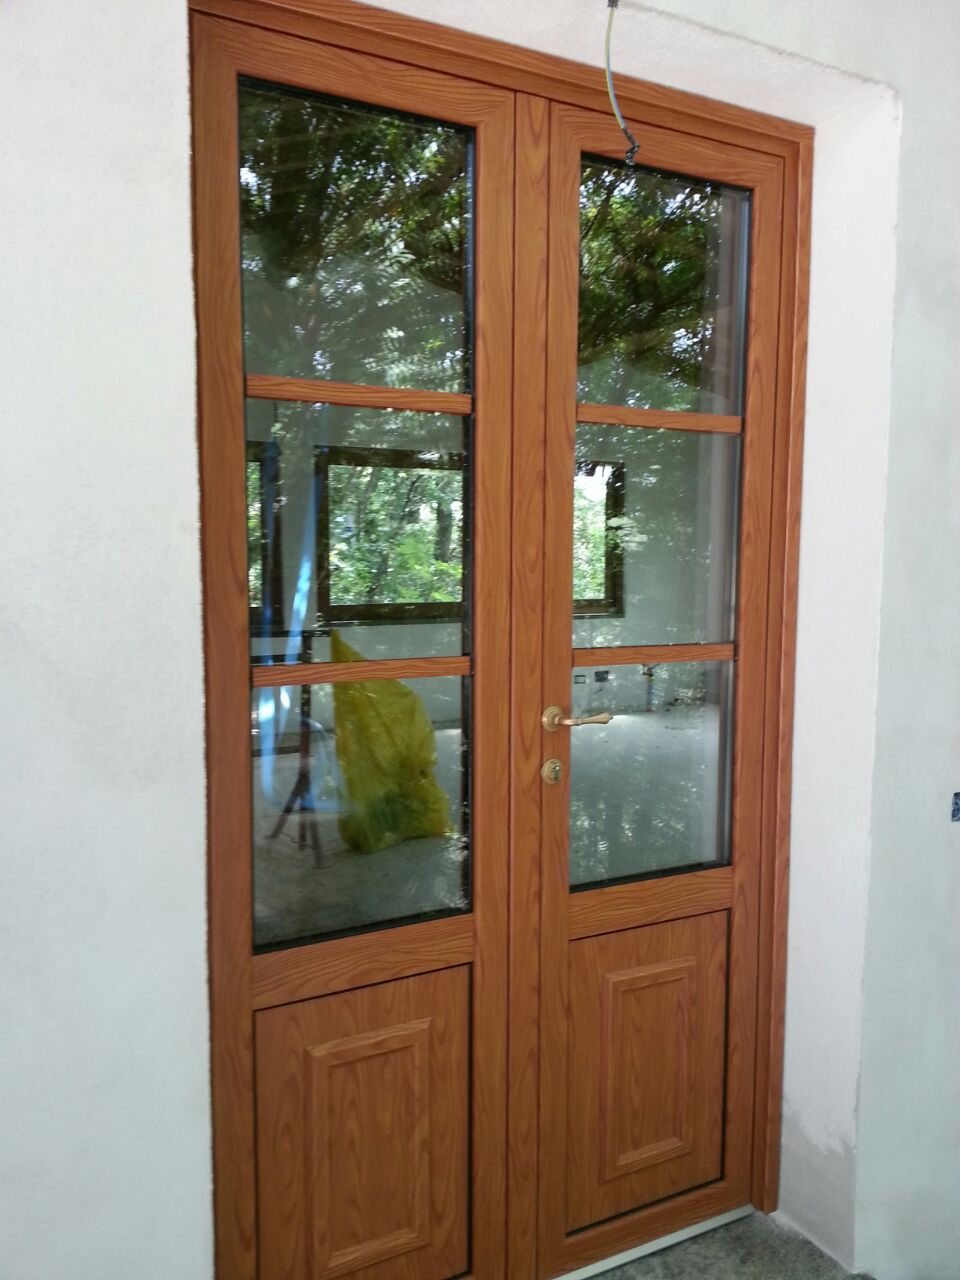 Installazioni produzione e vendita di infissi e finestre saliscendi - Finestre saliscendi in pvc ...